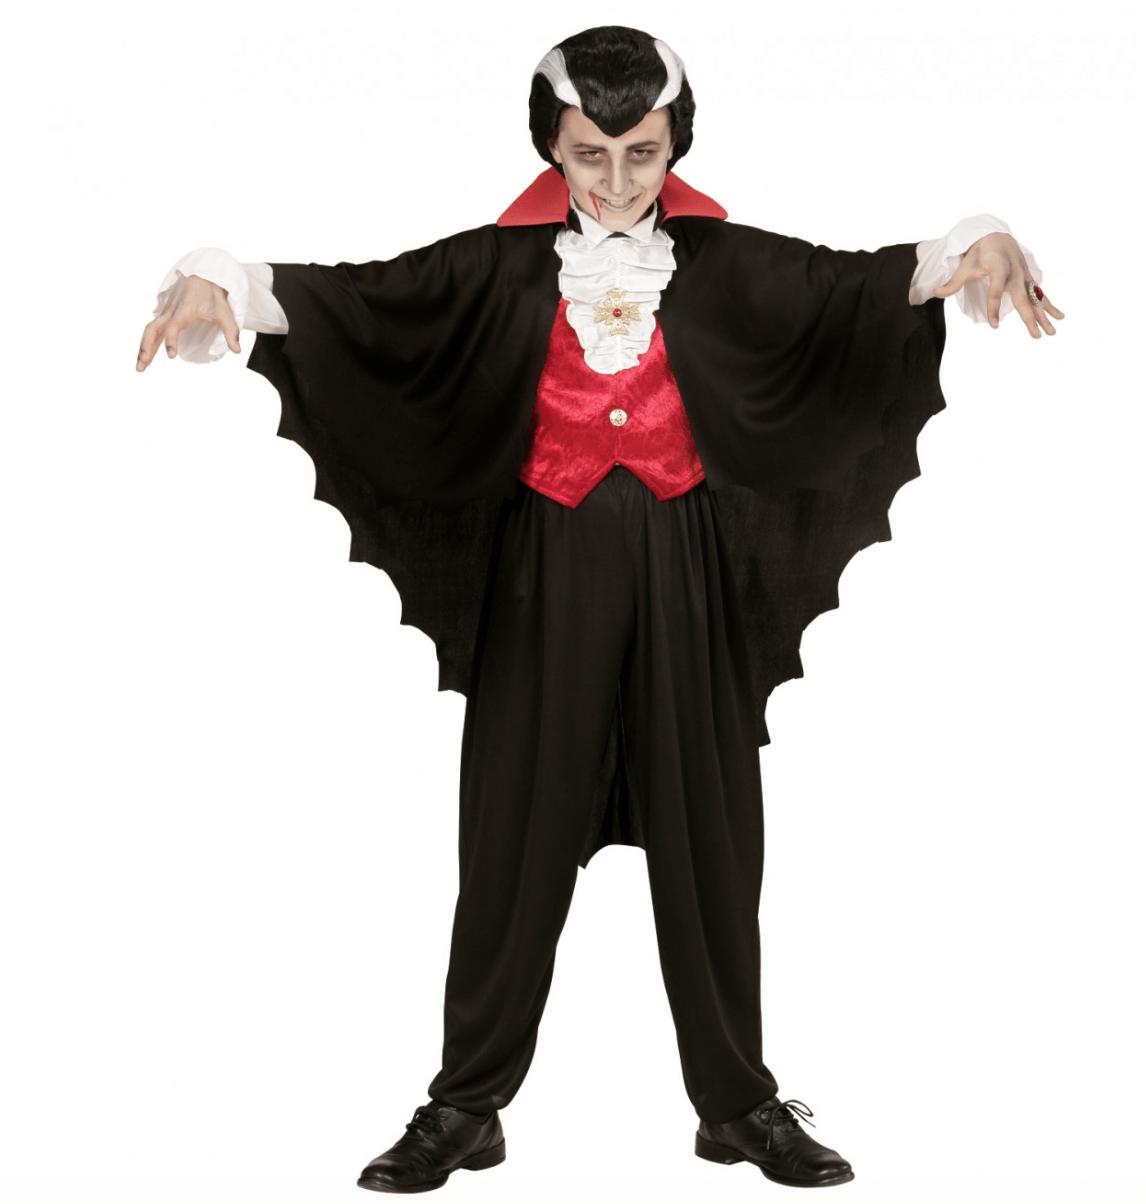 Skærmbillede 2017 07 28 kl. 14.49.12 - Vampyr kostume til børn